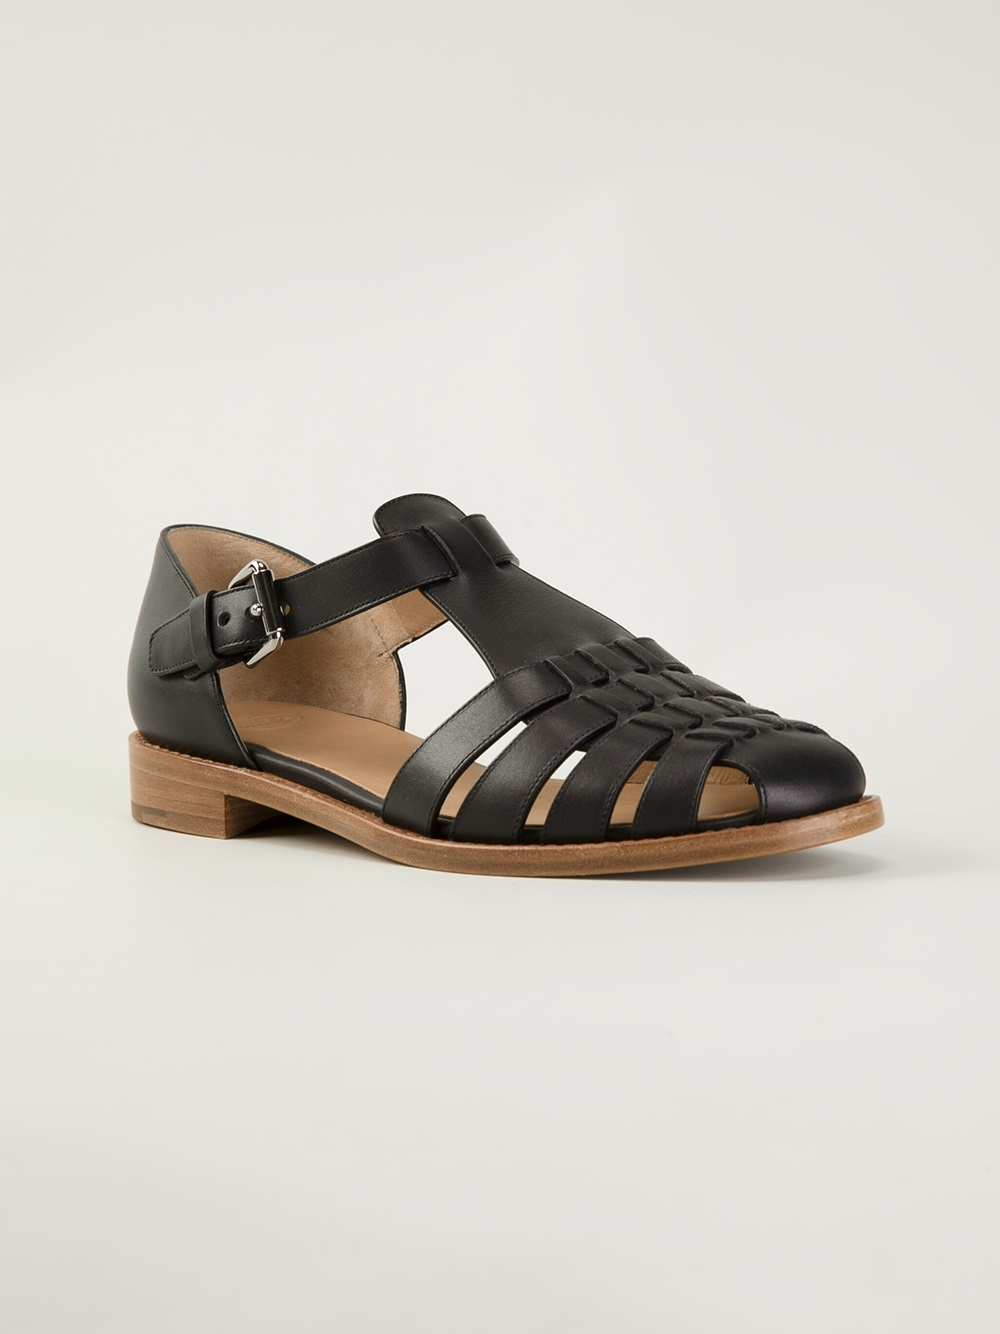 40de734eaeb1 Lyst - Church s Kelsey Sandals in Black